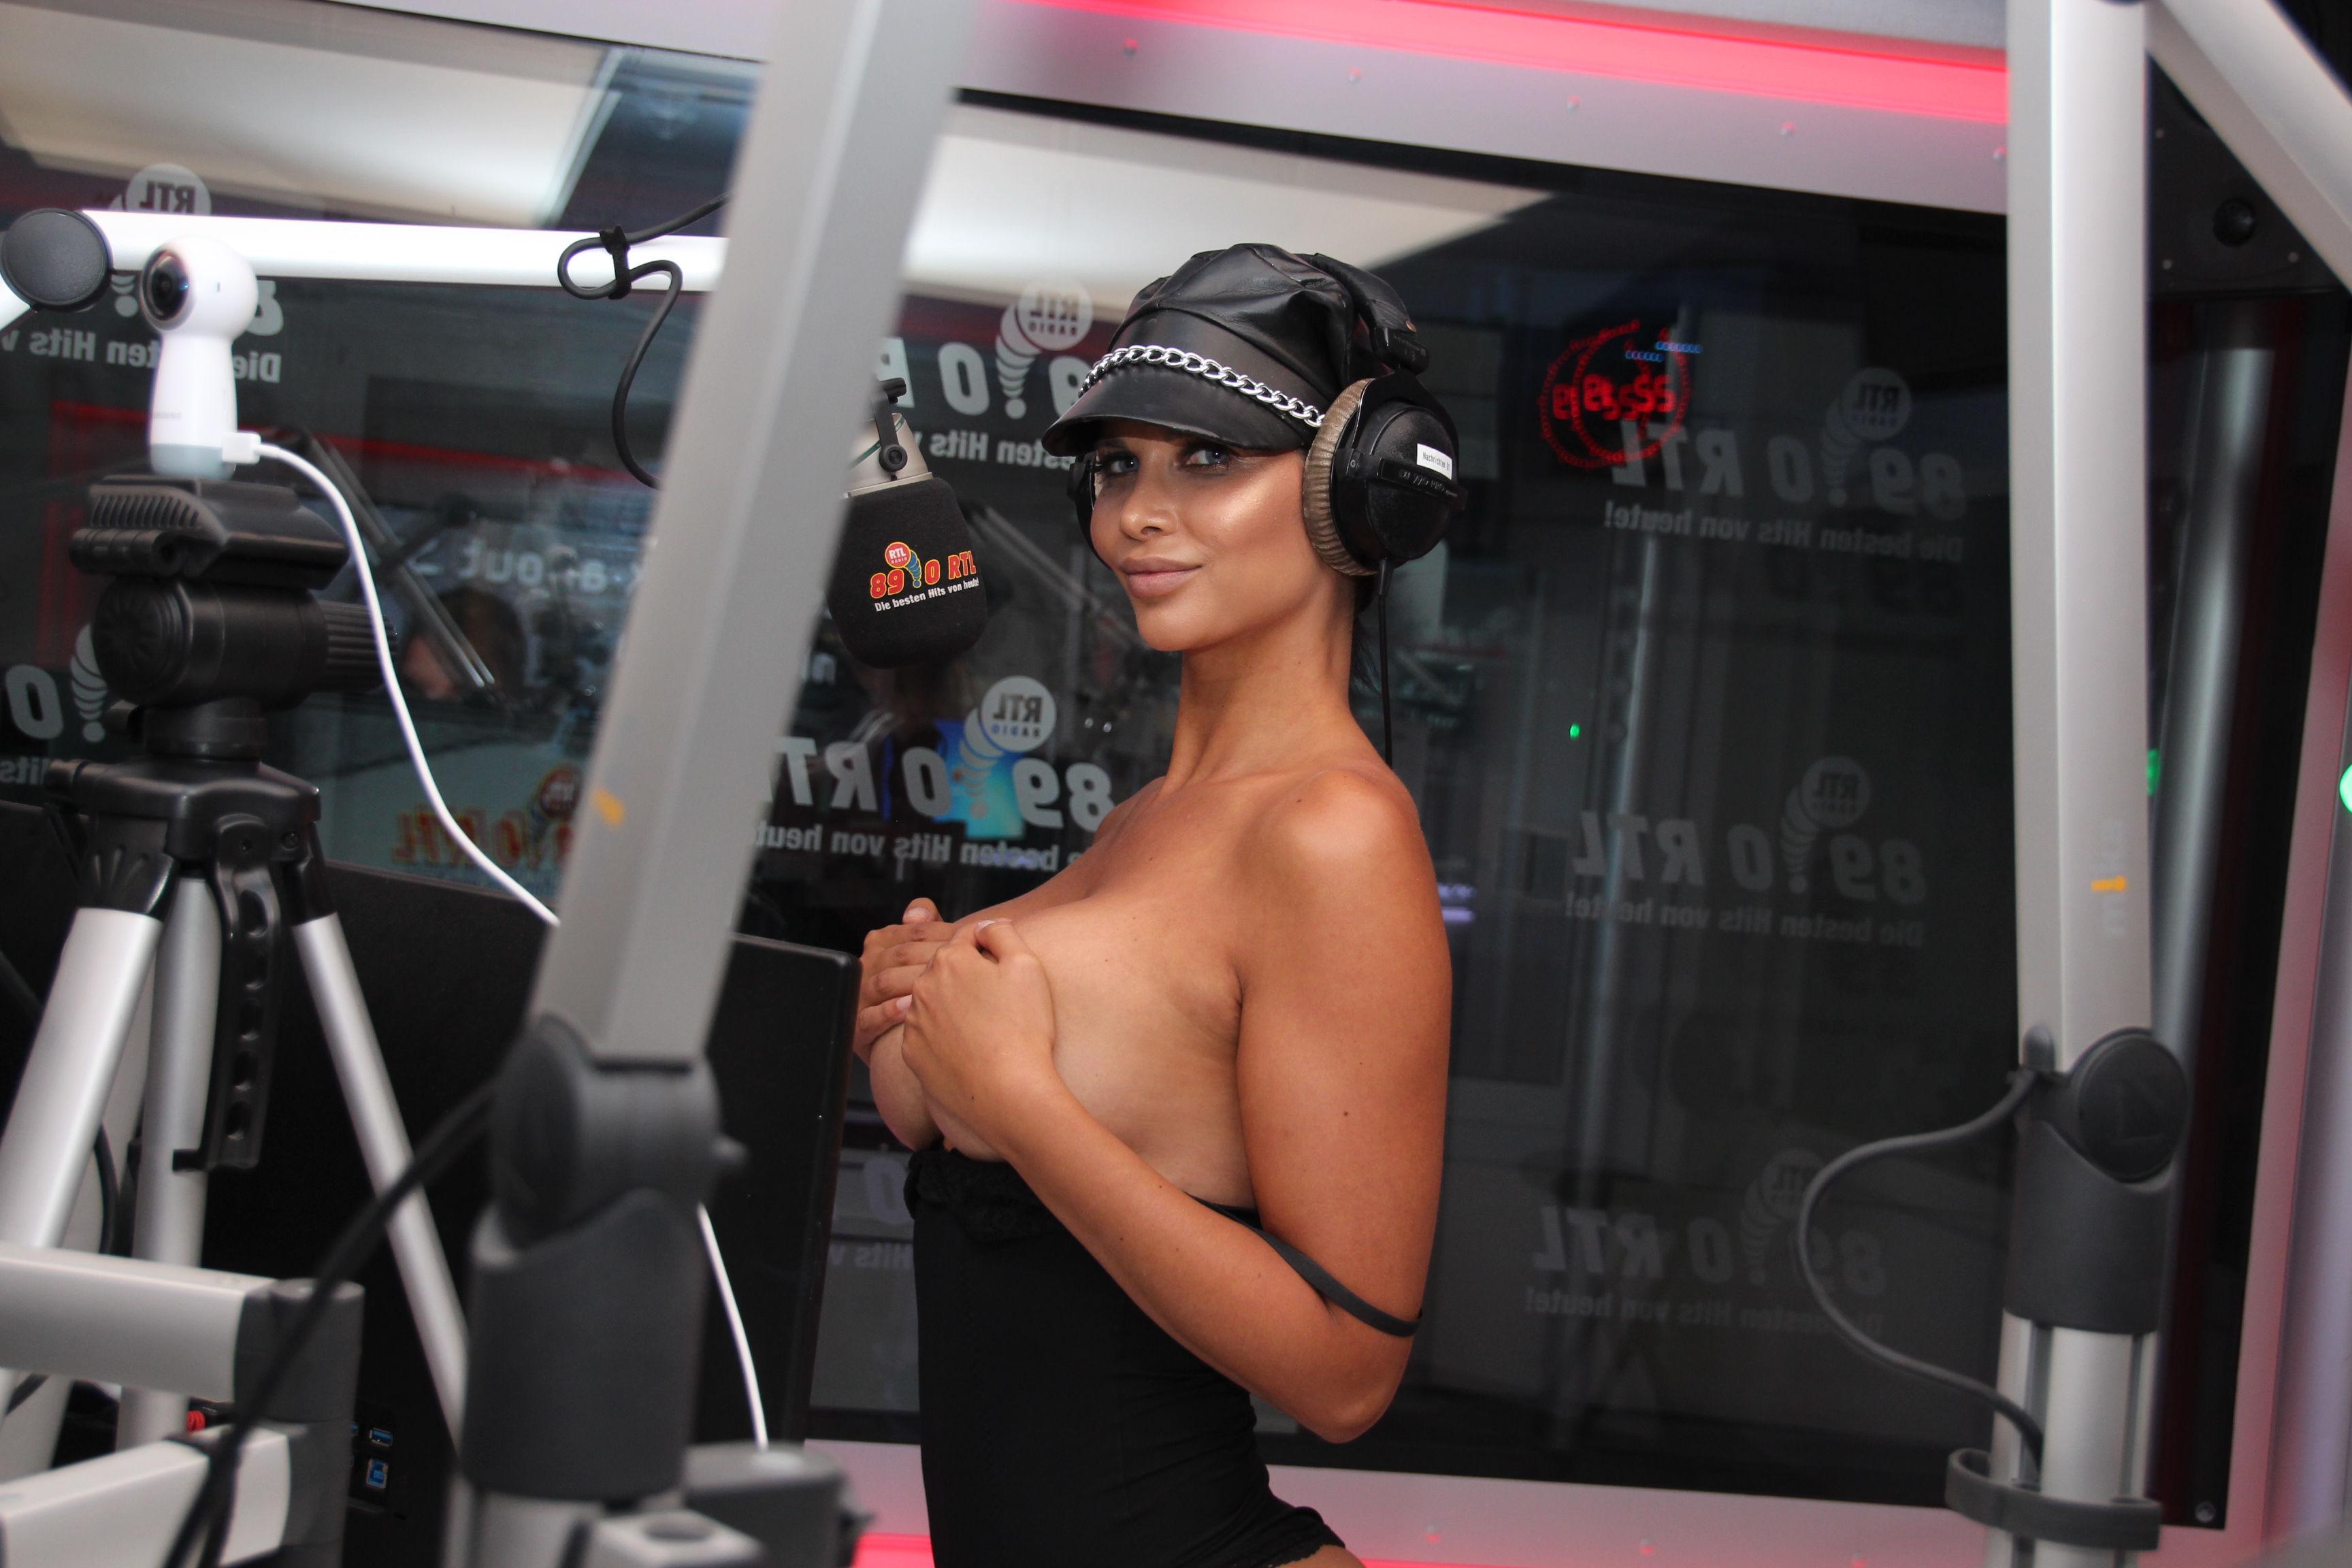 Micaela-Sch%C3%A4fer-Sexy-Topless-TheFappeningBlog.com-6.jpg